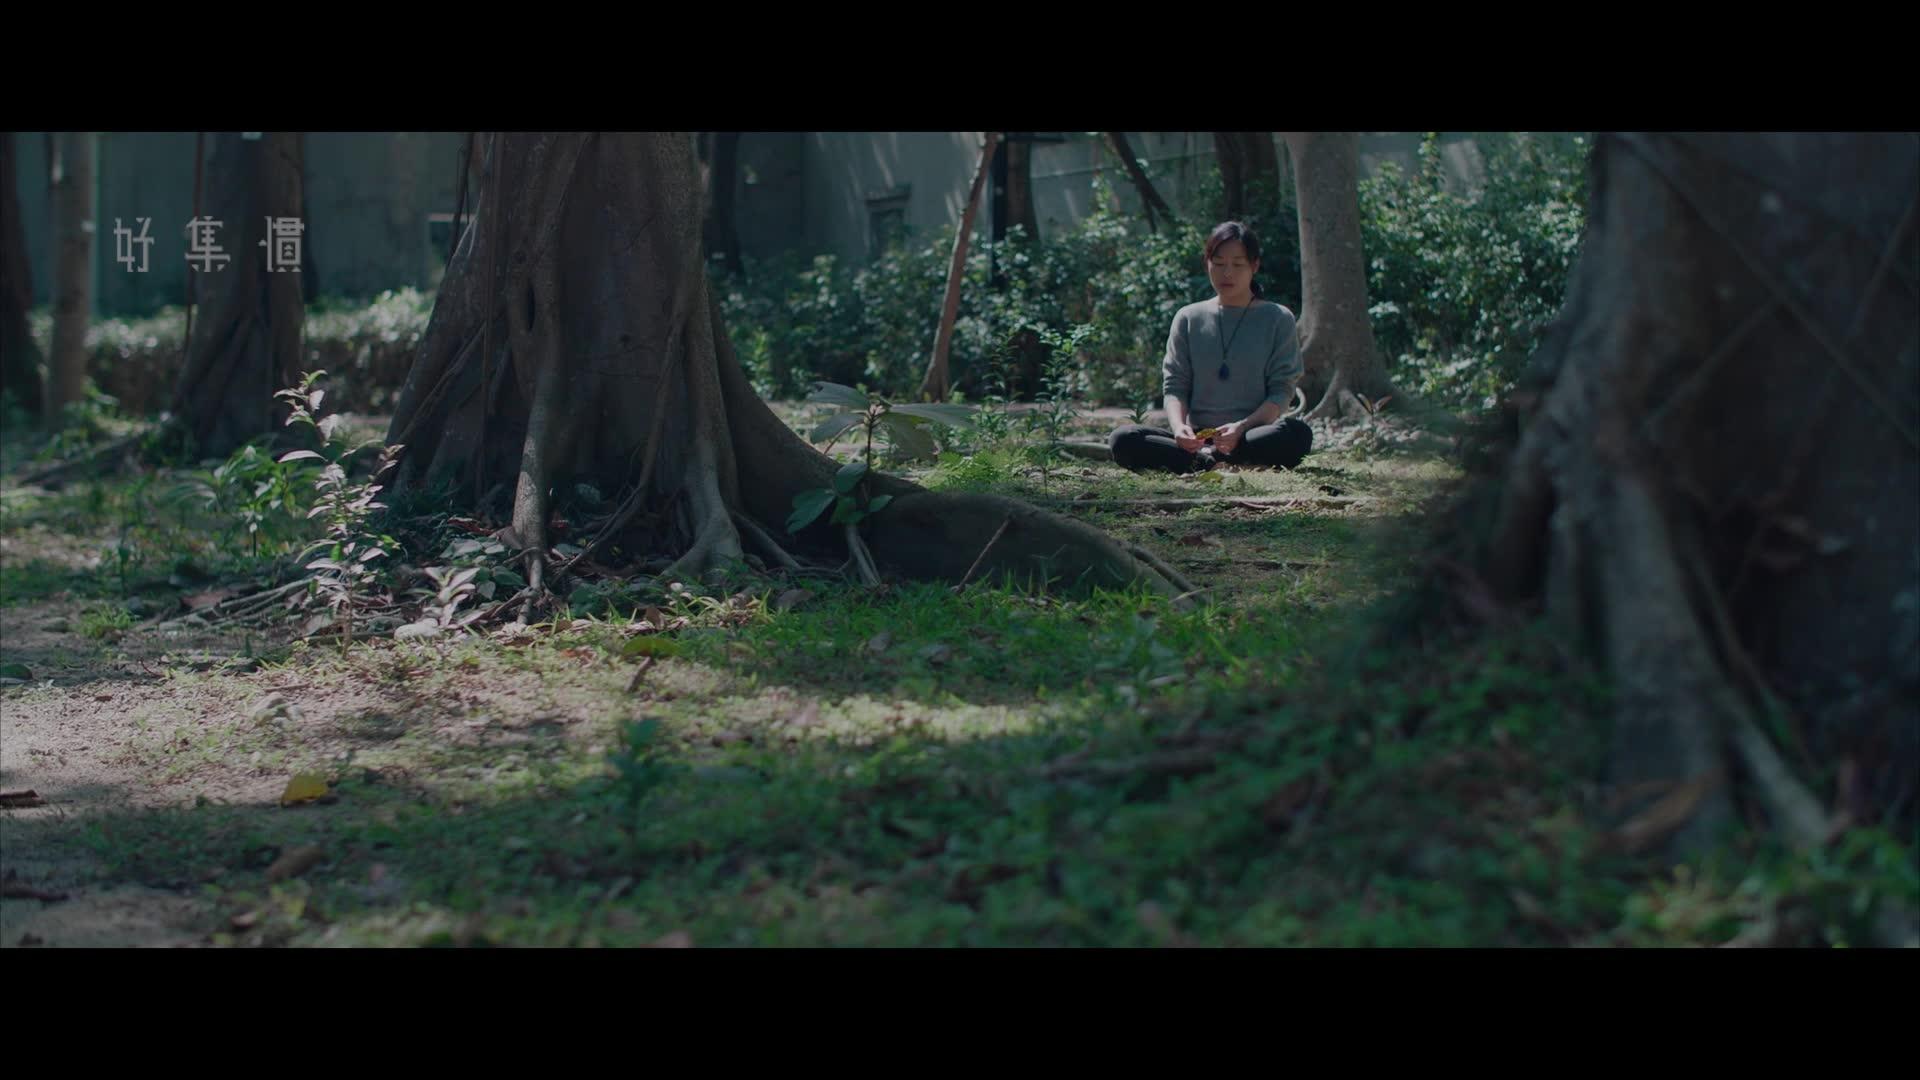 【感受自然】永續療癒者 Natalie:感受自然,明白人與自然共生共癒